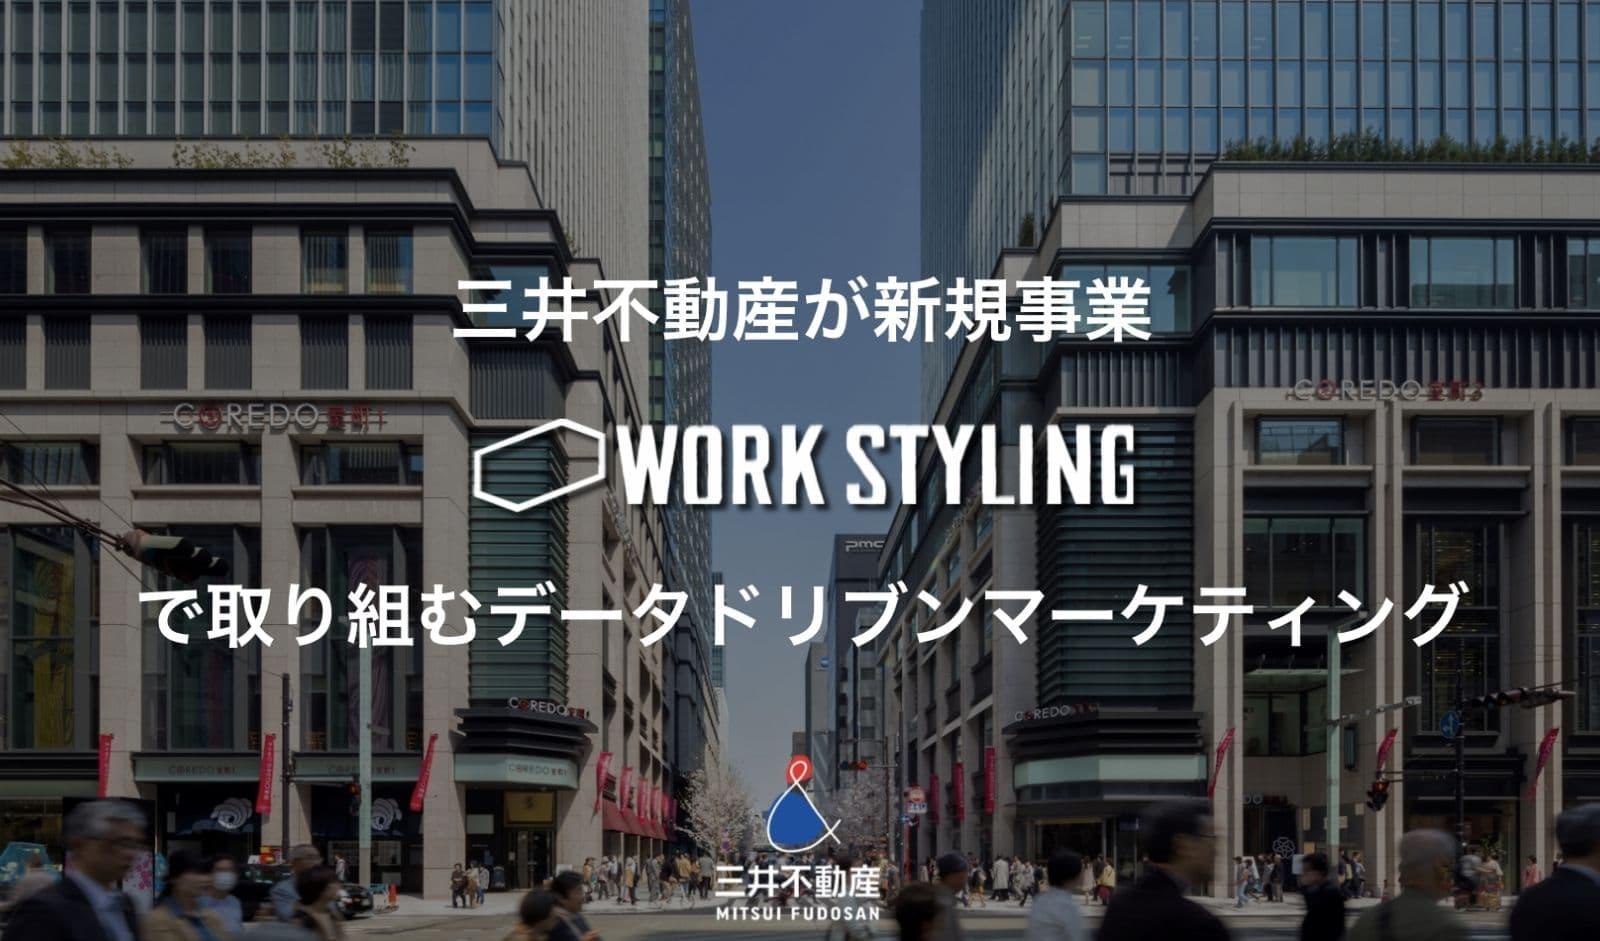 三井不動産の新規事業「ワークスタイリング」が展開するデータドリブン ...